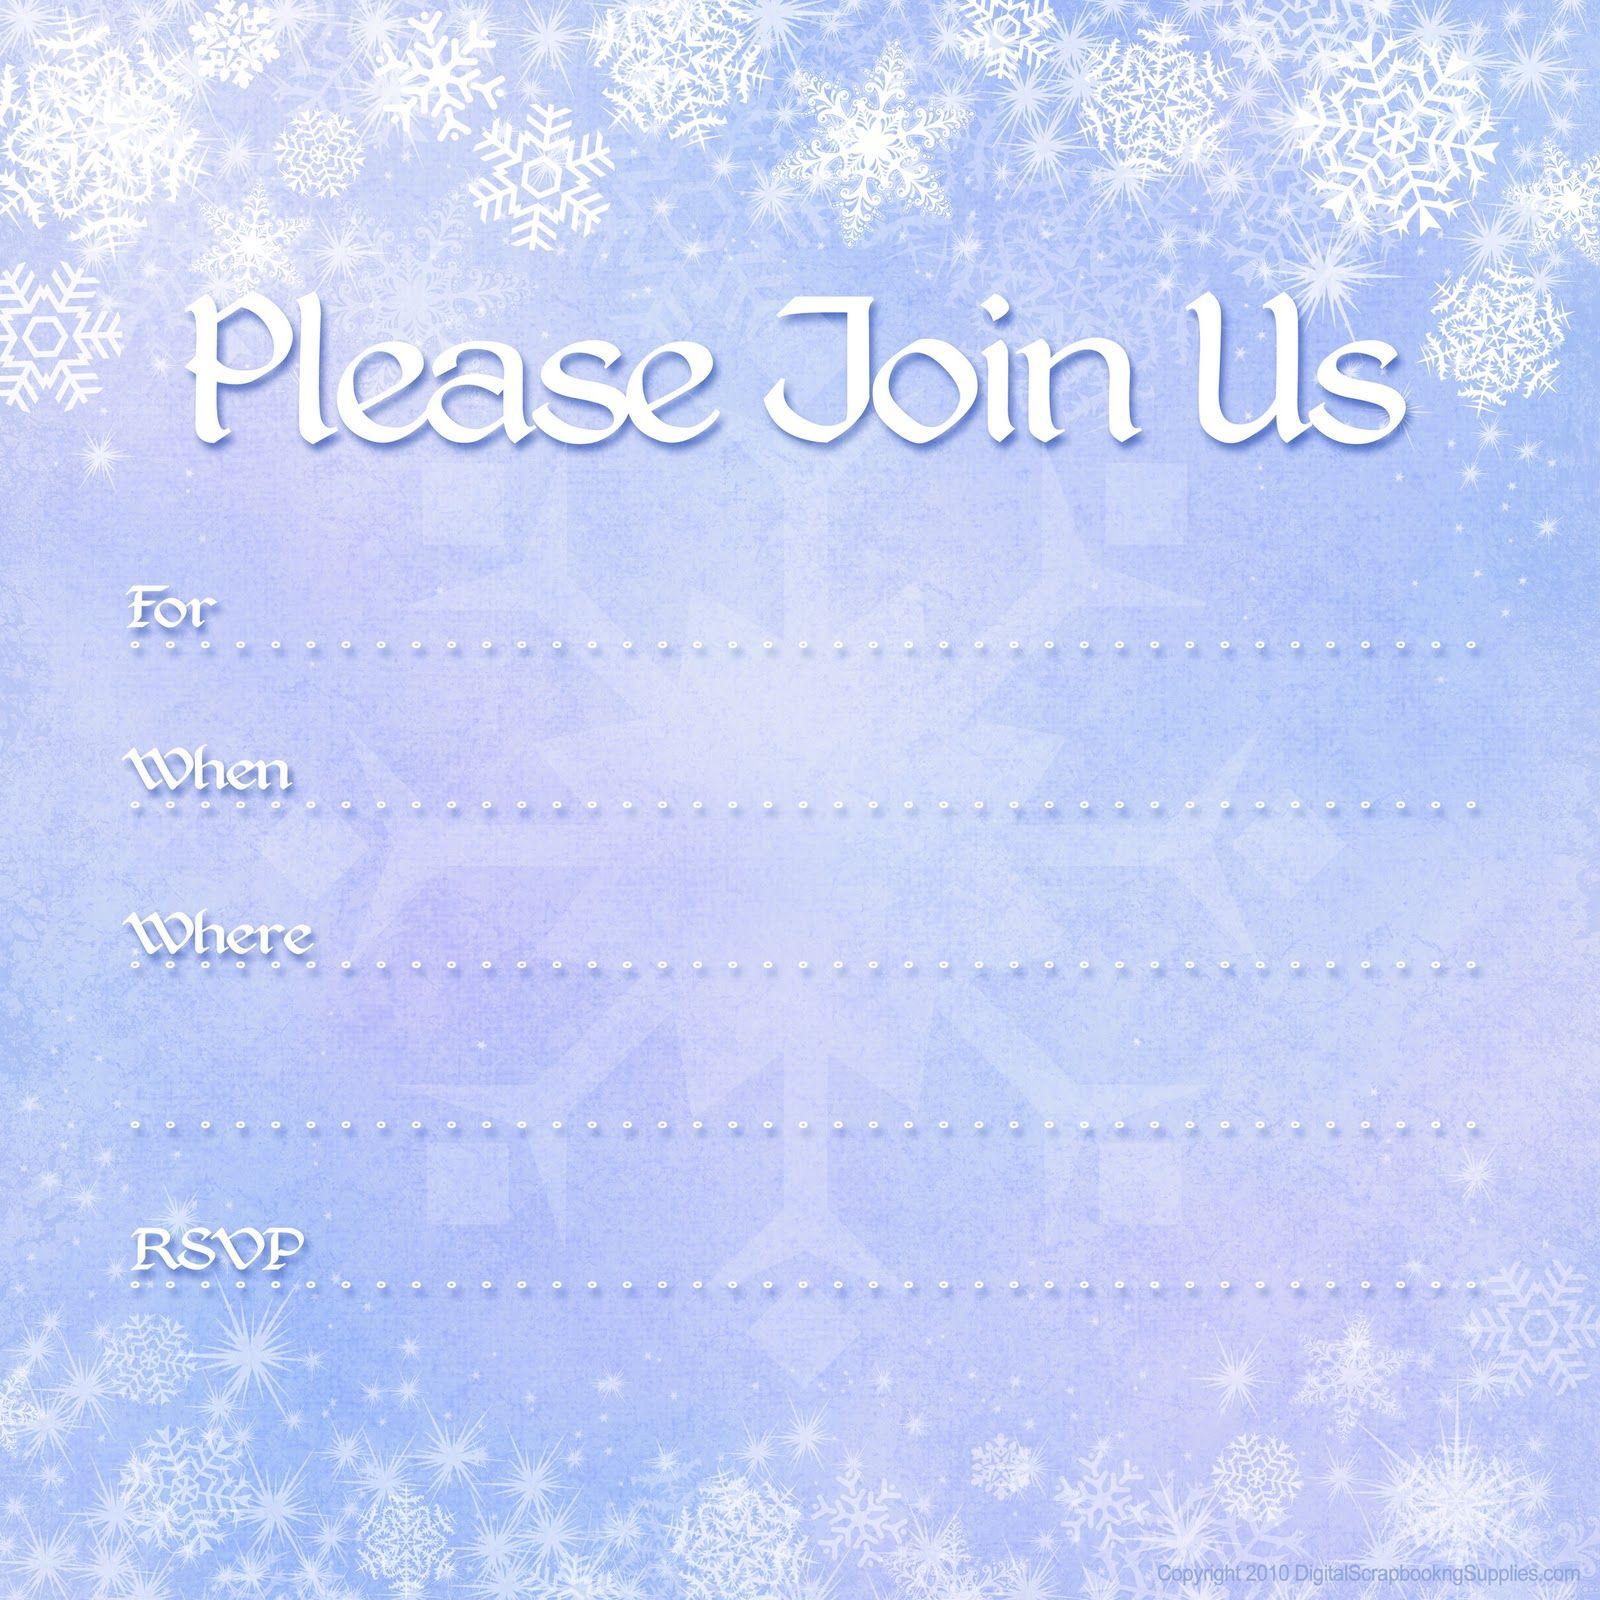 Free Printable Invites | Free Printable Party Invitations: Free - Holiday Invitations Free Printable